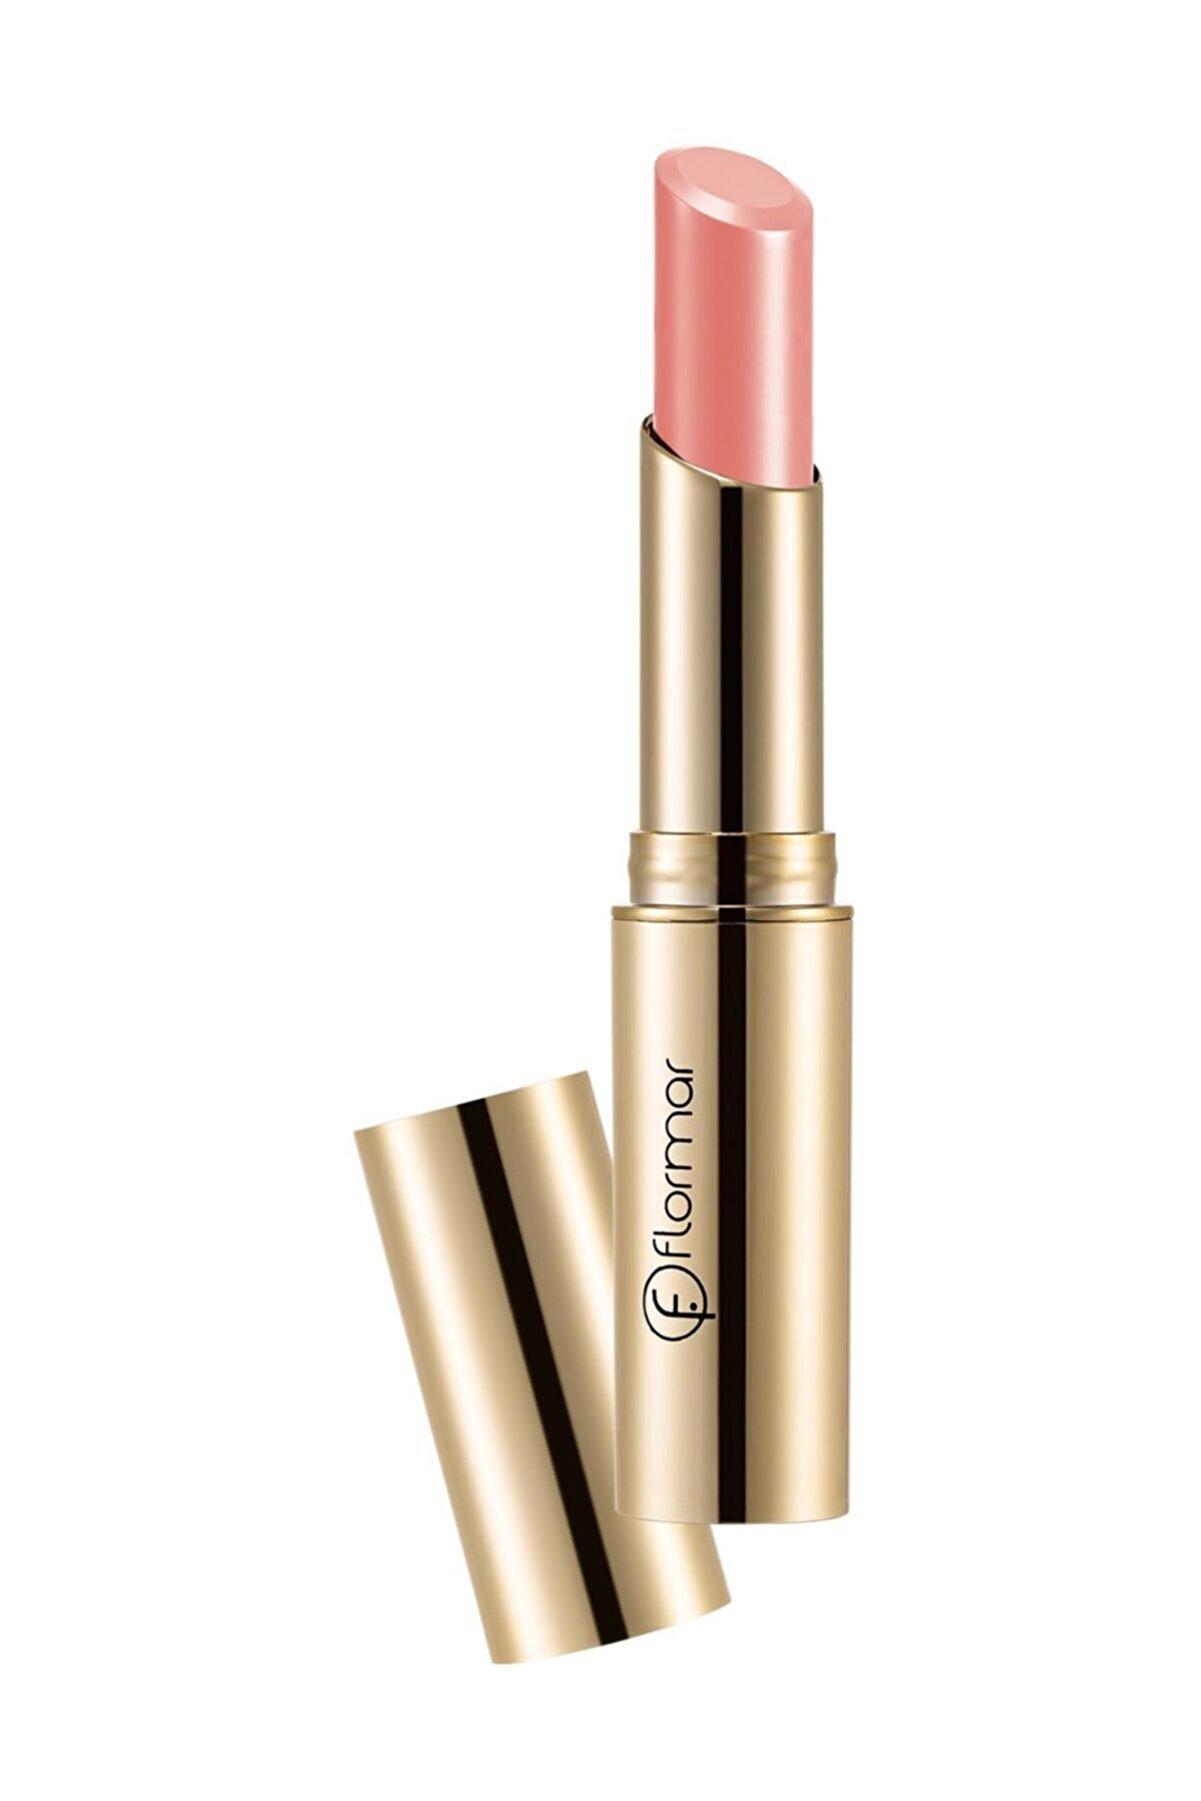 Flormar Deluxe Cashmere Lipstick Stylo Yavruağızı Ruj DC34 8690604209781